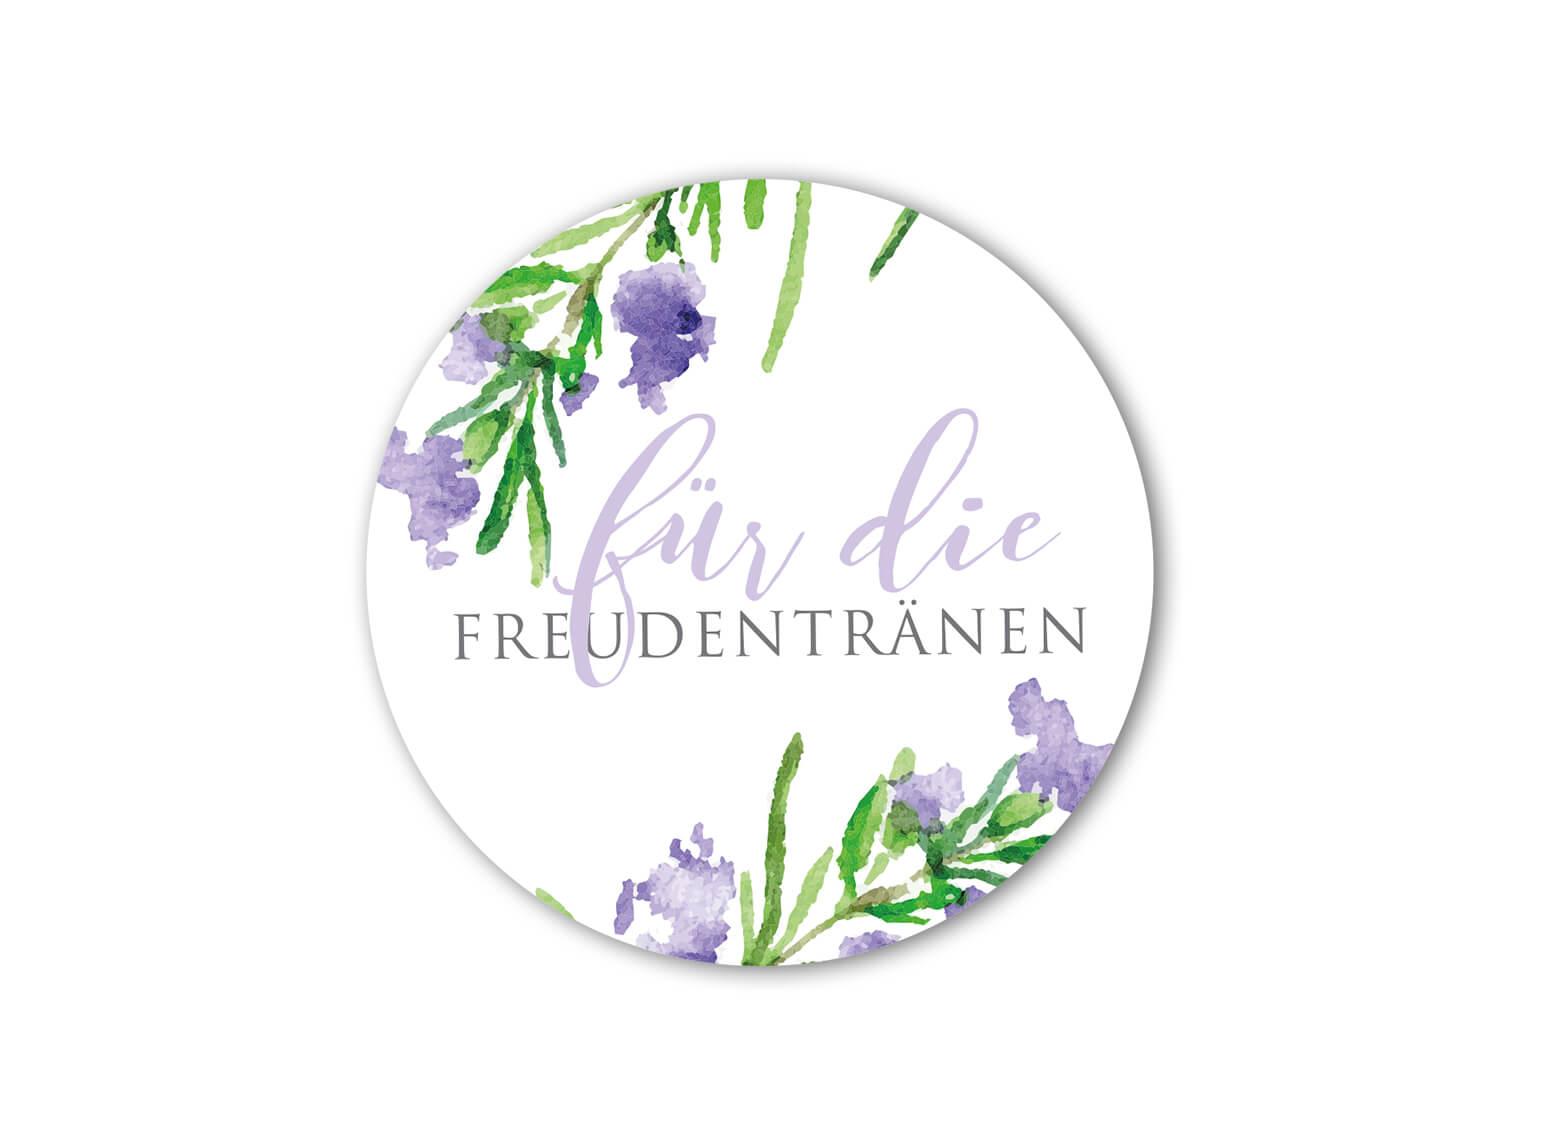 hochzeit-aufkleber-freudentraenen-aquarell-rosmarin-violet-kalligraphie-grau-gruen_rund_MP0022-3.1.1